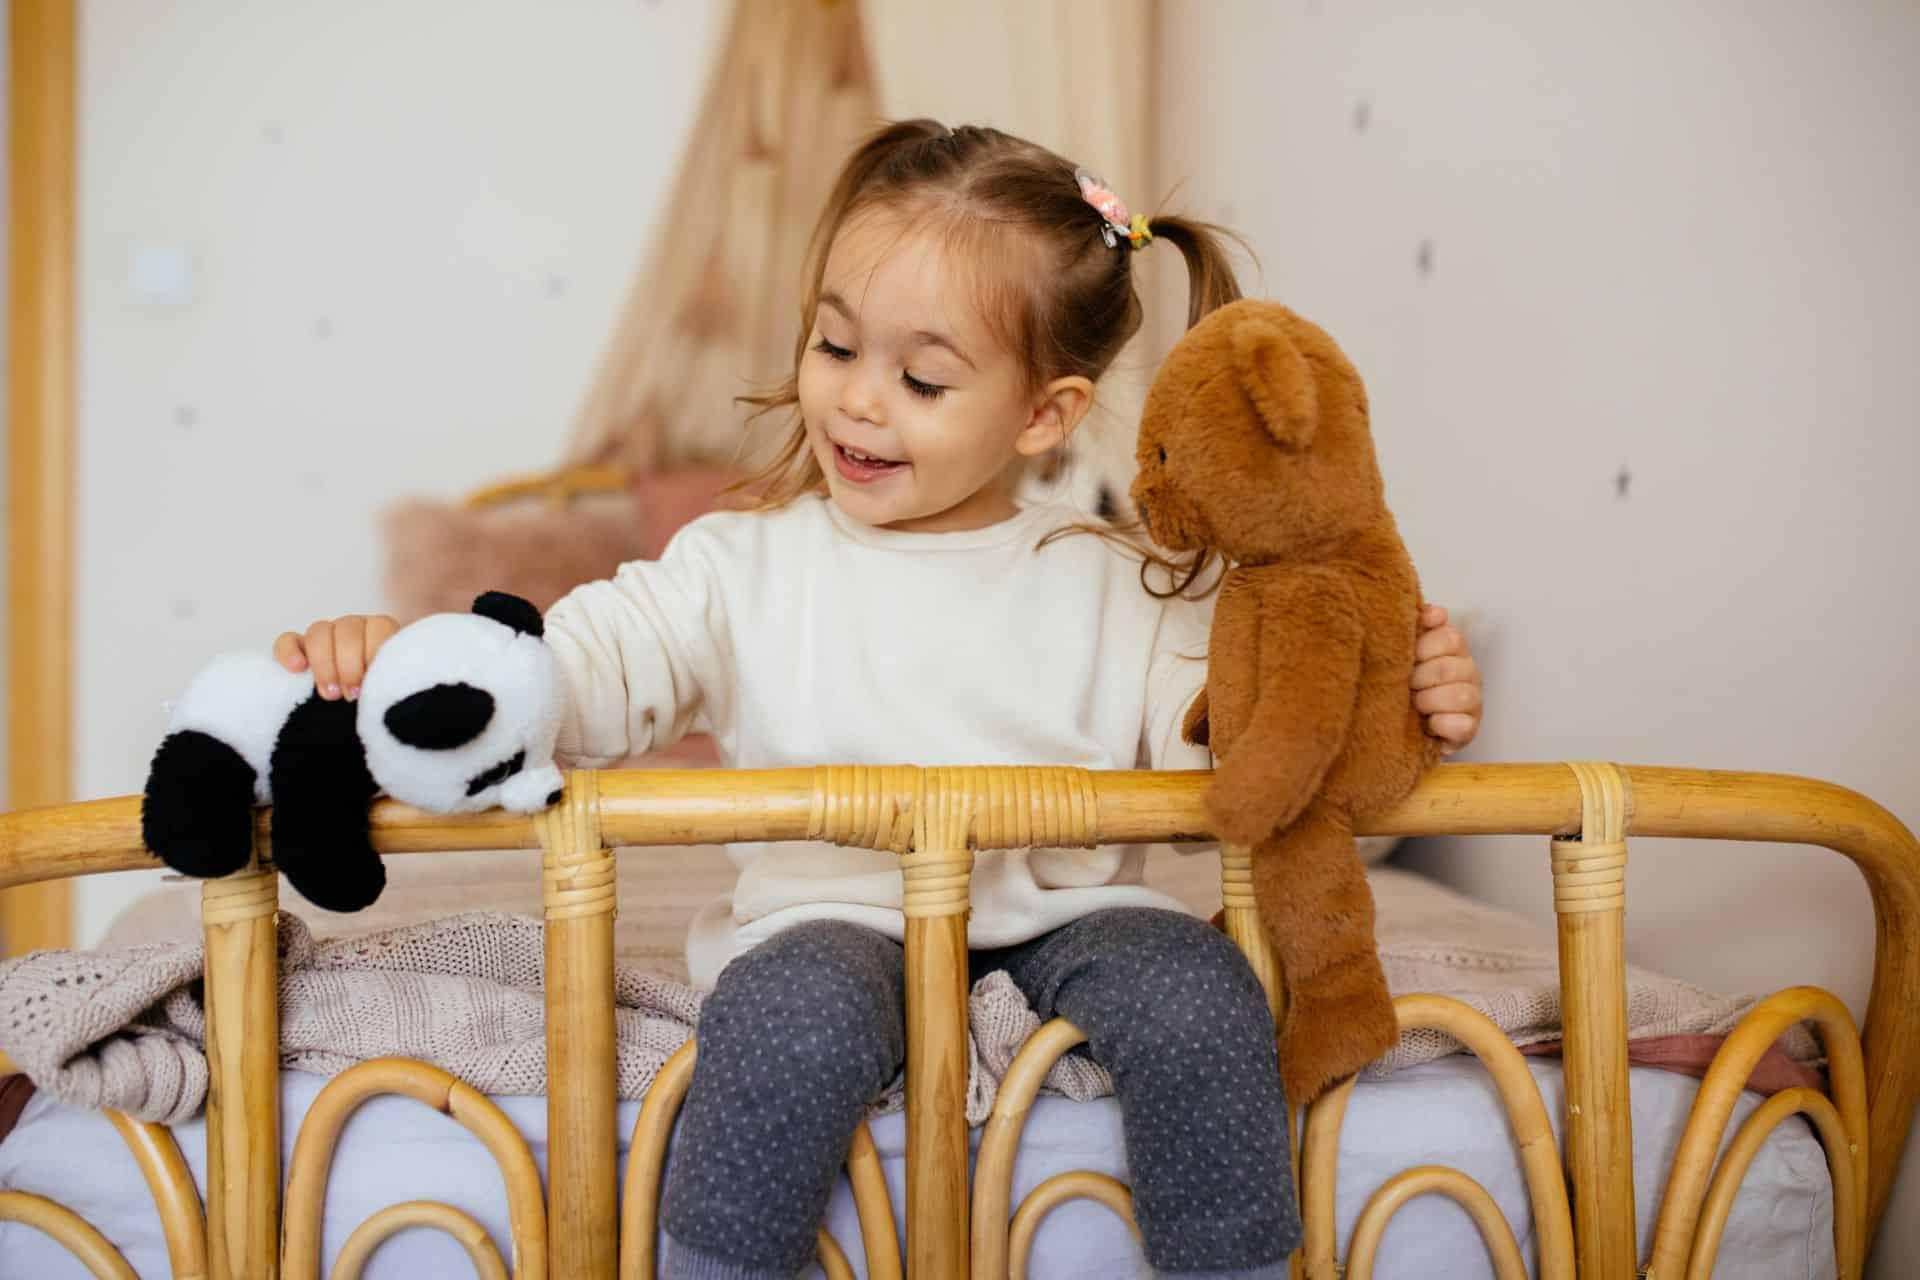 De kleinkinderen komen slapen: eerste hulp bij slaapwandelen en andere slaapvragen